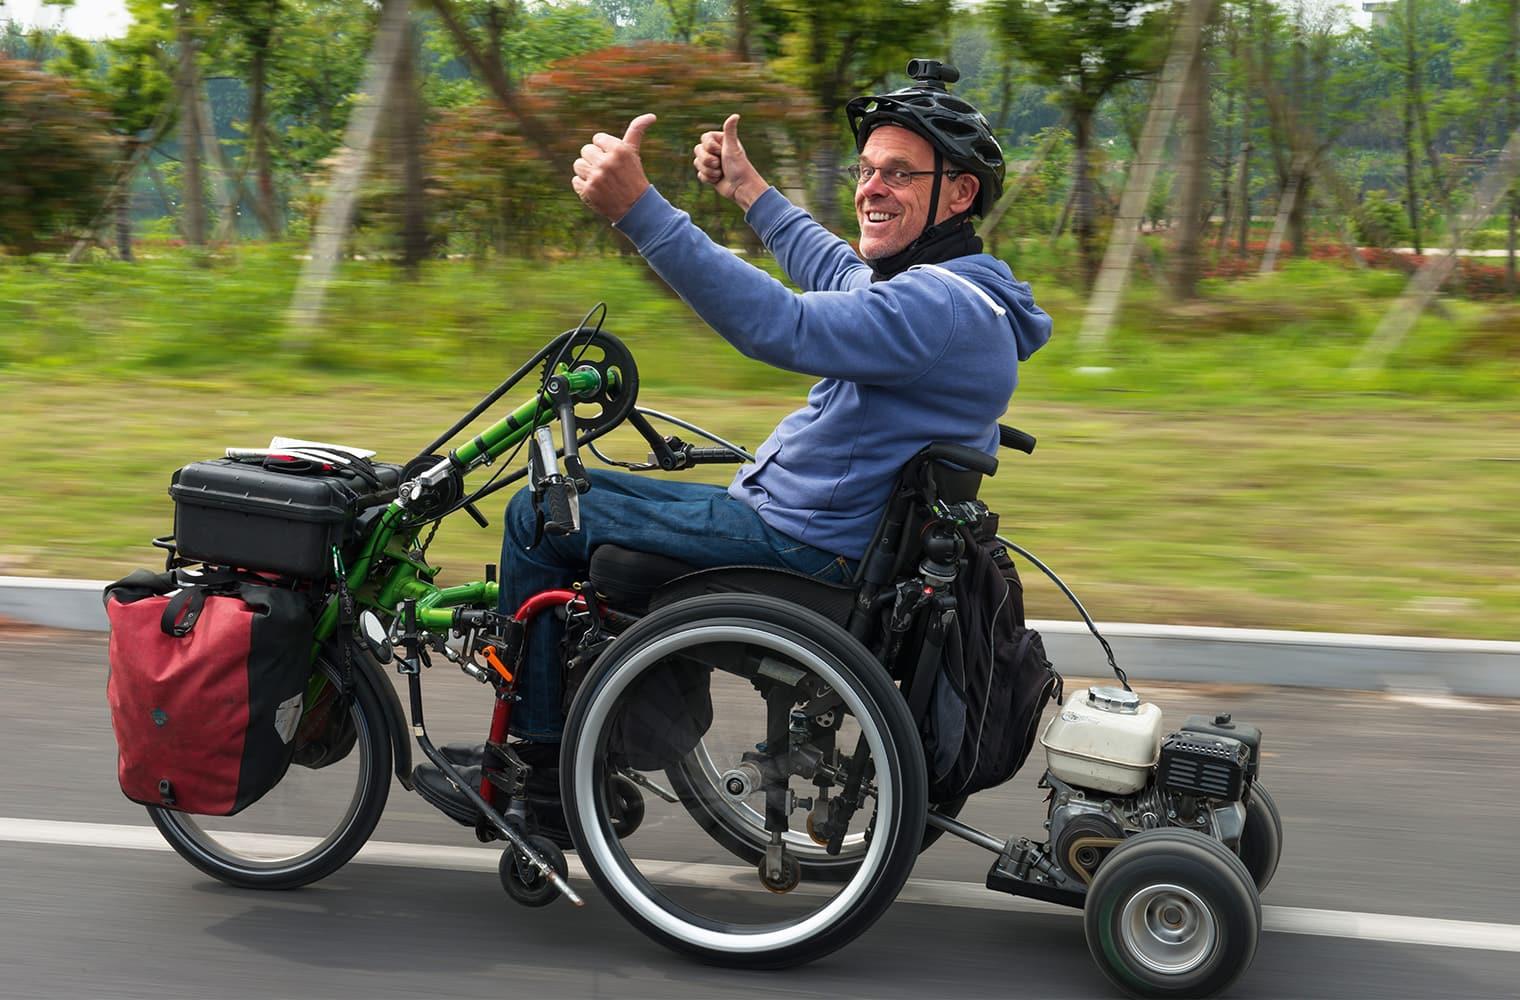 Die Daumen nach oben: Andreas Pröve mit einem motorbetriebenen Rollstuhl unterwegs in China. Foto Pröve